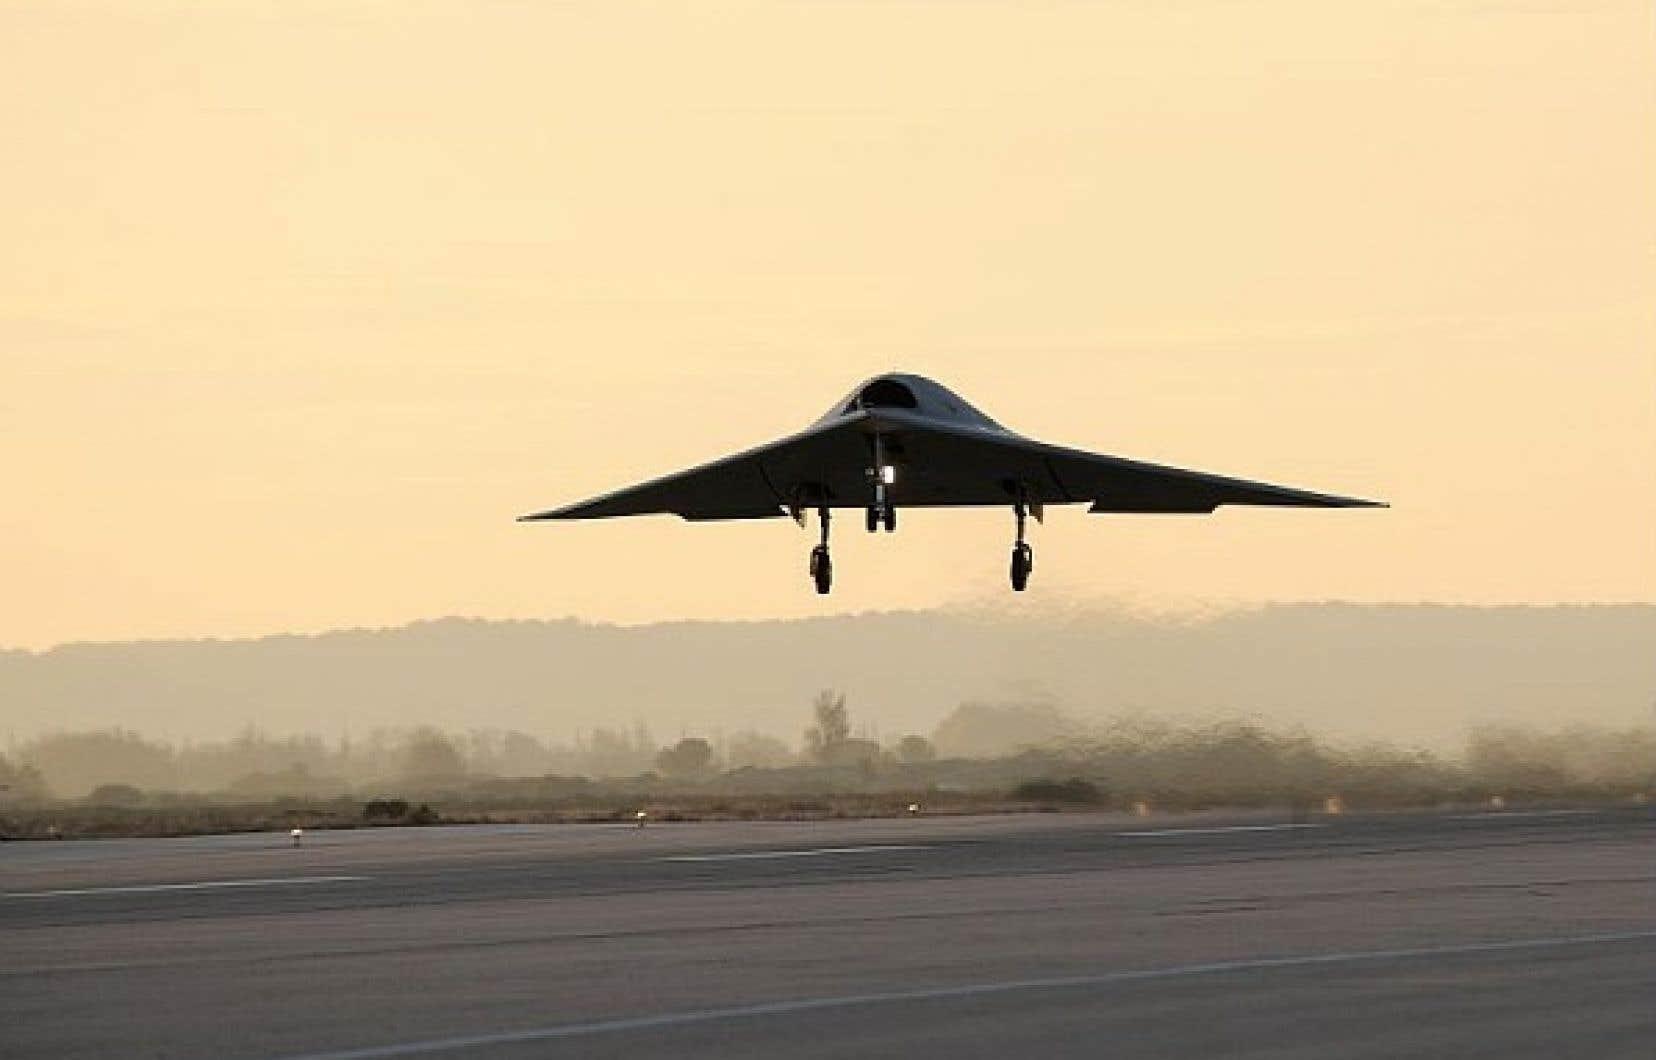 Au cours des derniers mois, les attaques de drones américains se sont multipliées. Une situation qui mine les relations entre Islamabad et Washington.